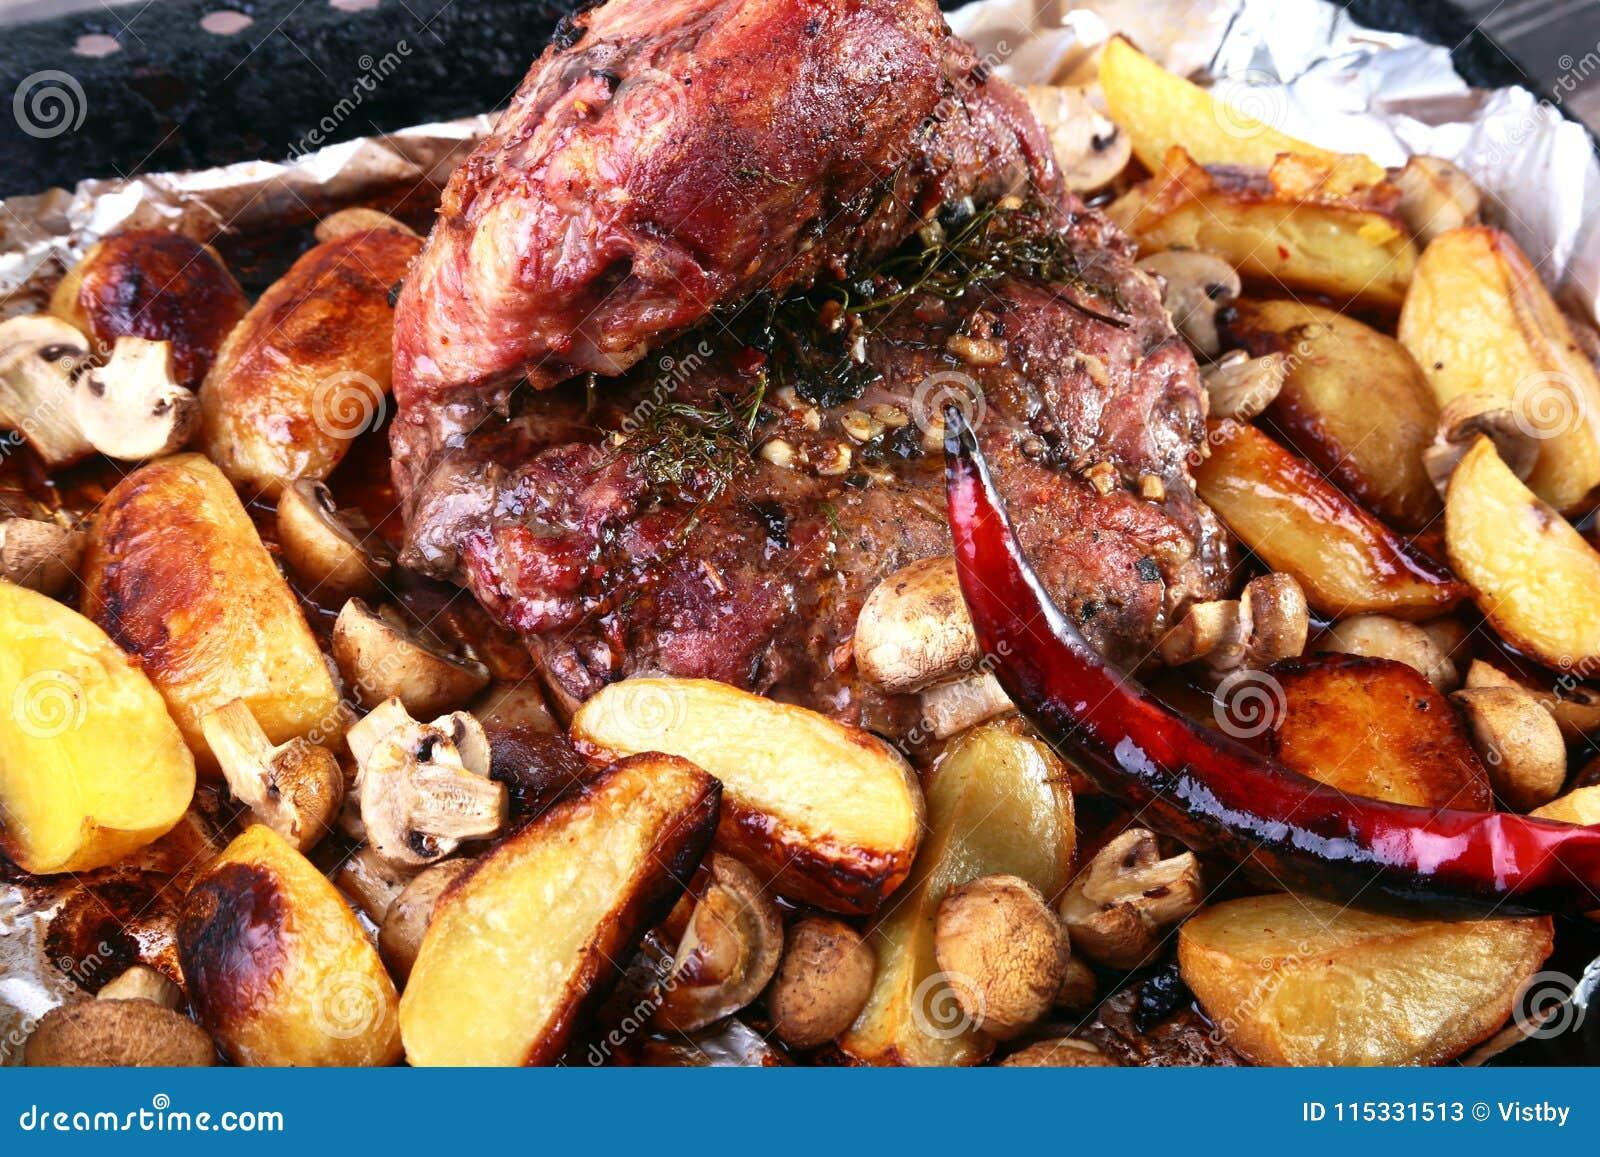 Carne de carne de porco grelhada com batatas barbecue Foco seletivo